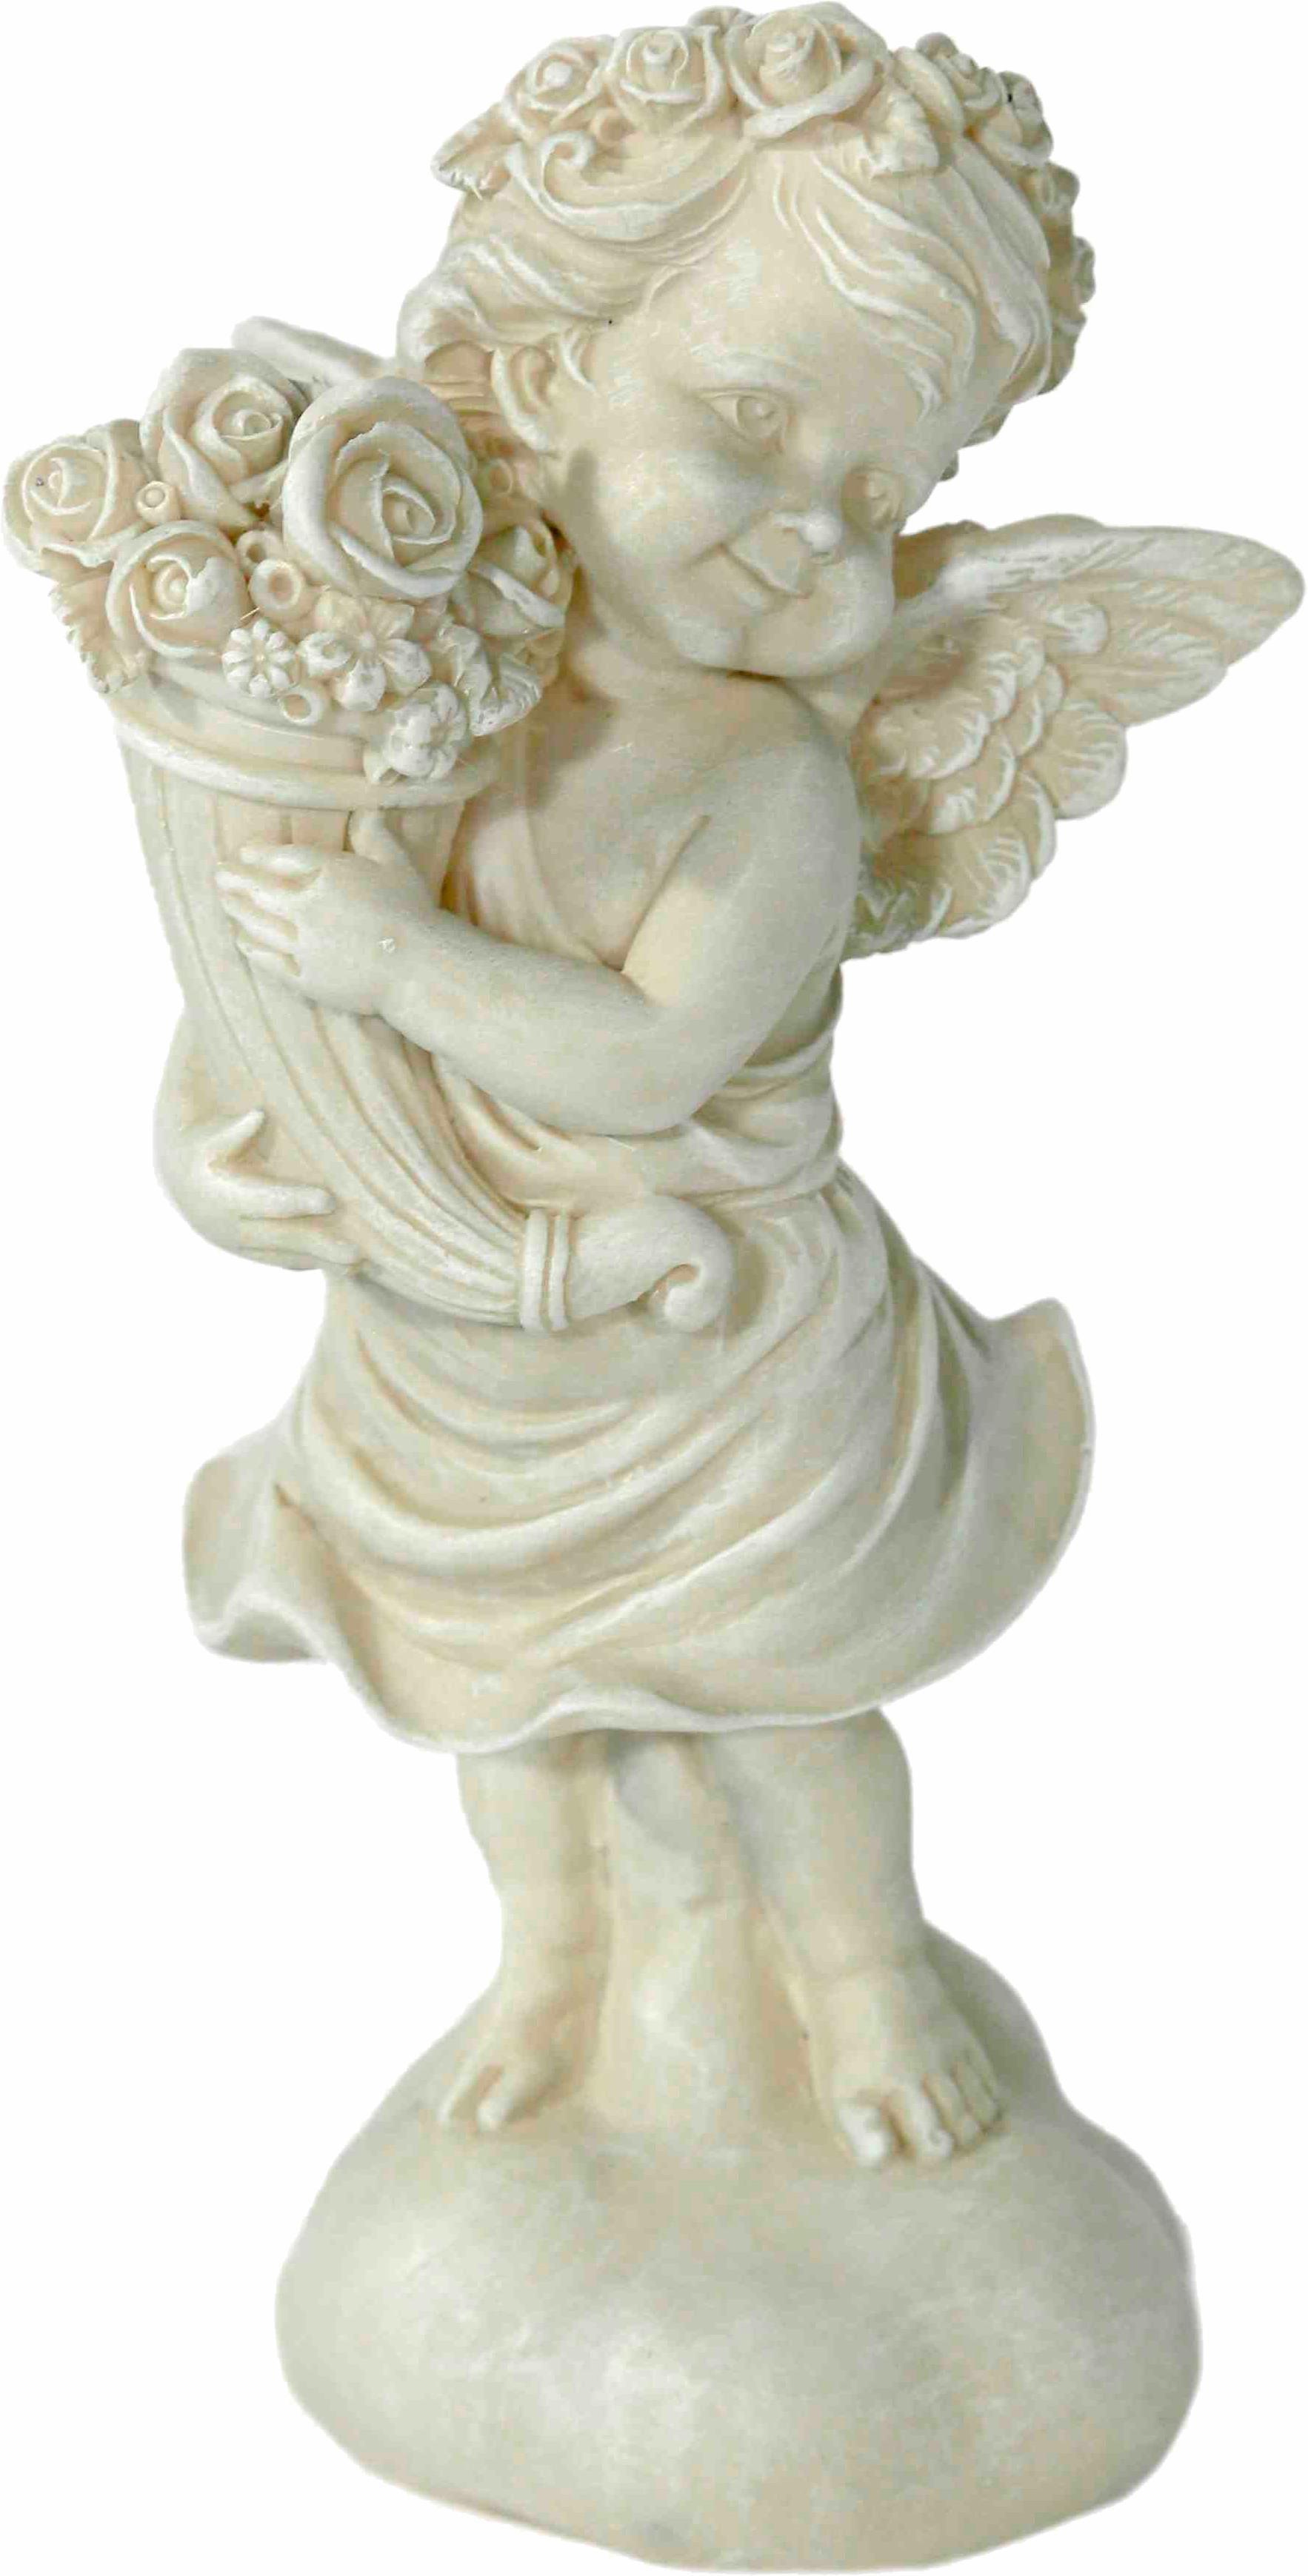 Home affaire Dekofigur »Engel stehend mit Rosen, antik weiß«